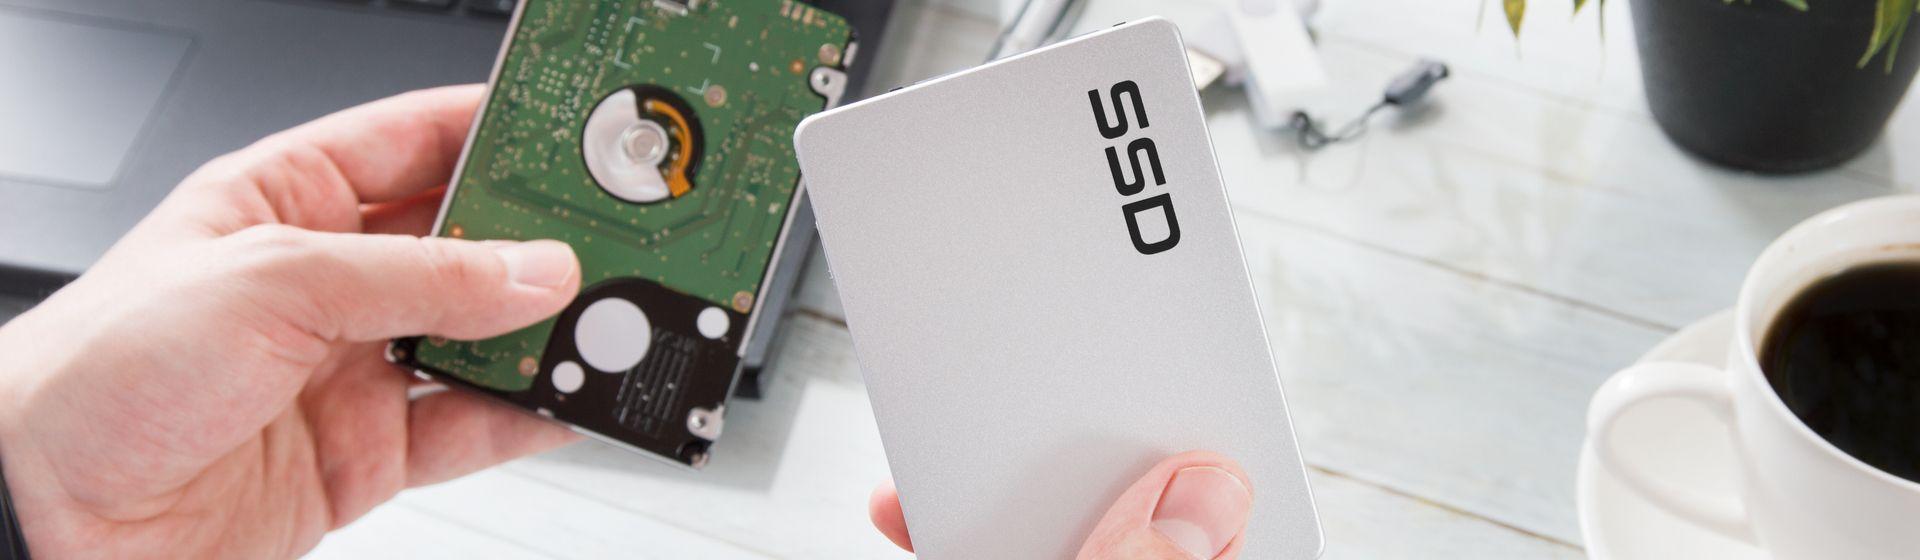 Como comprar SSD para notebook? Saiba escolher o melhor modelo